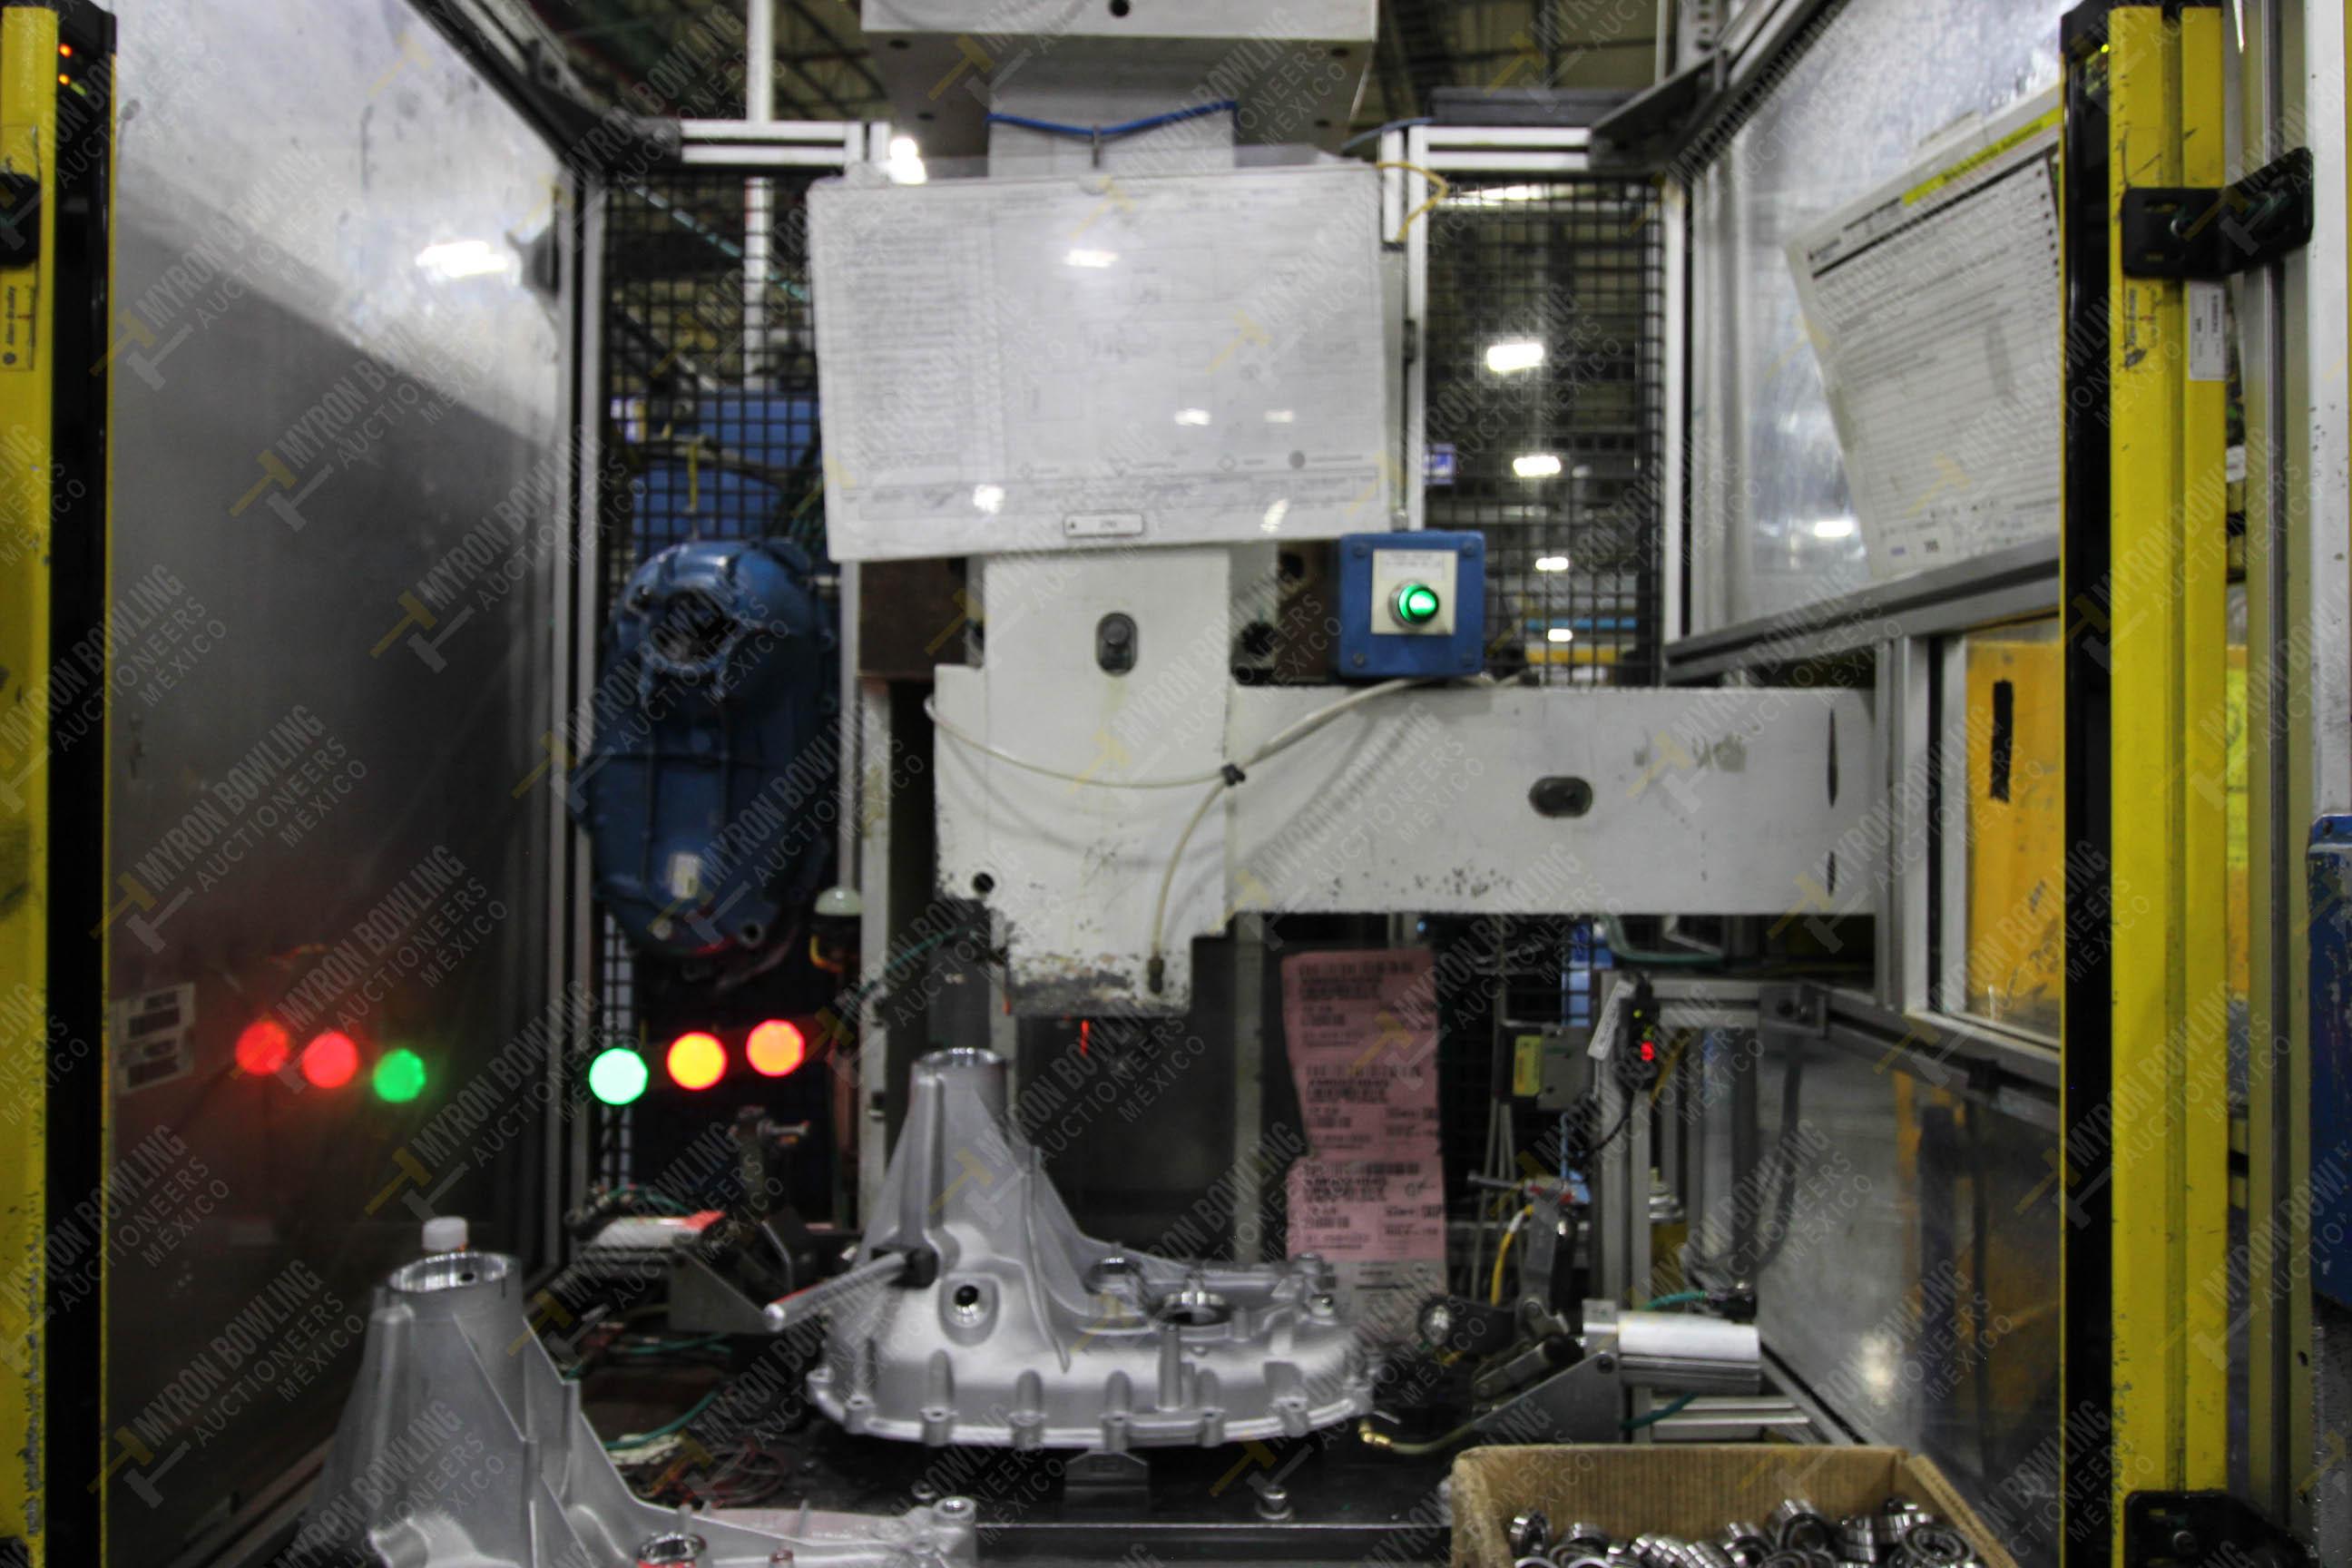 Estación semiautomática para operación 355A, contiene: Prensa en estructura de placa de acero - Image 11 of 36